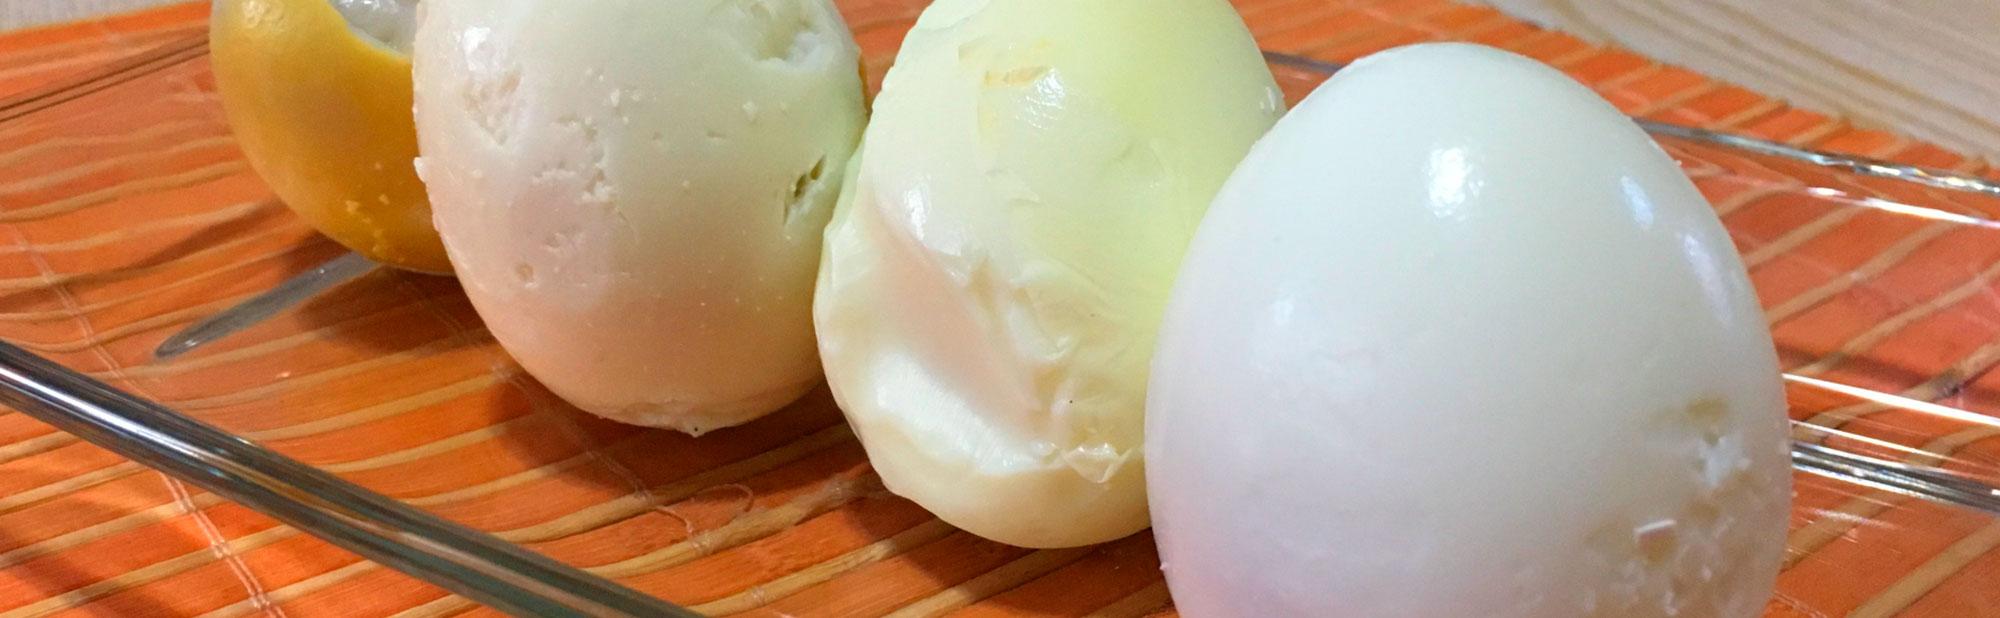 La Antojadera | Huevos Cocidos